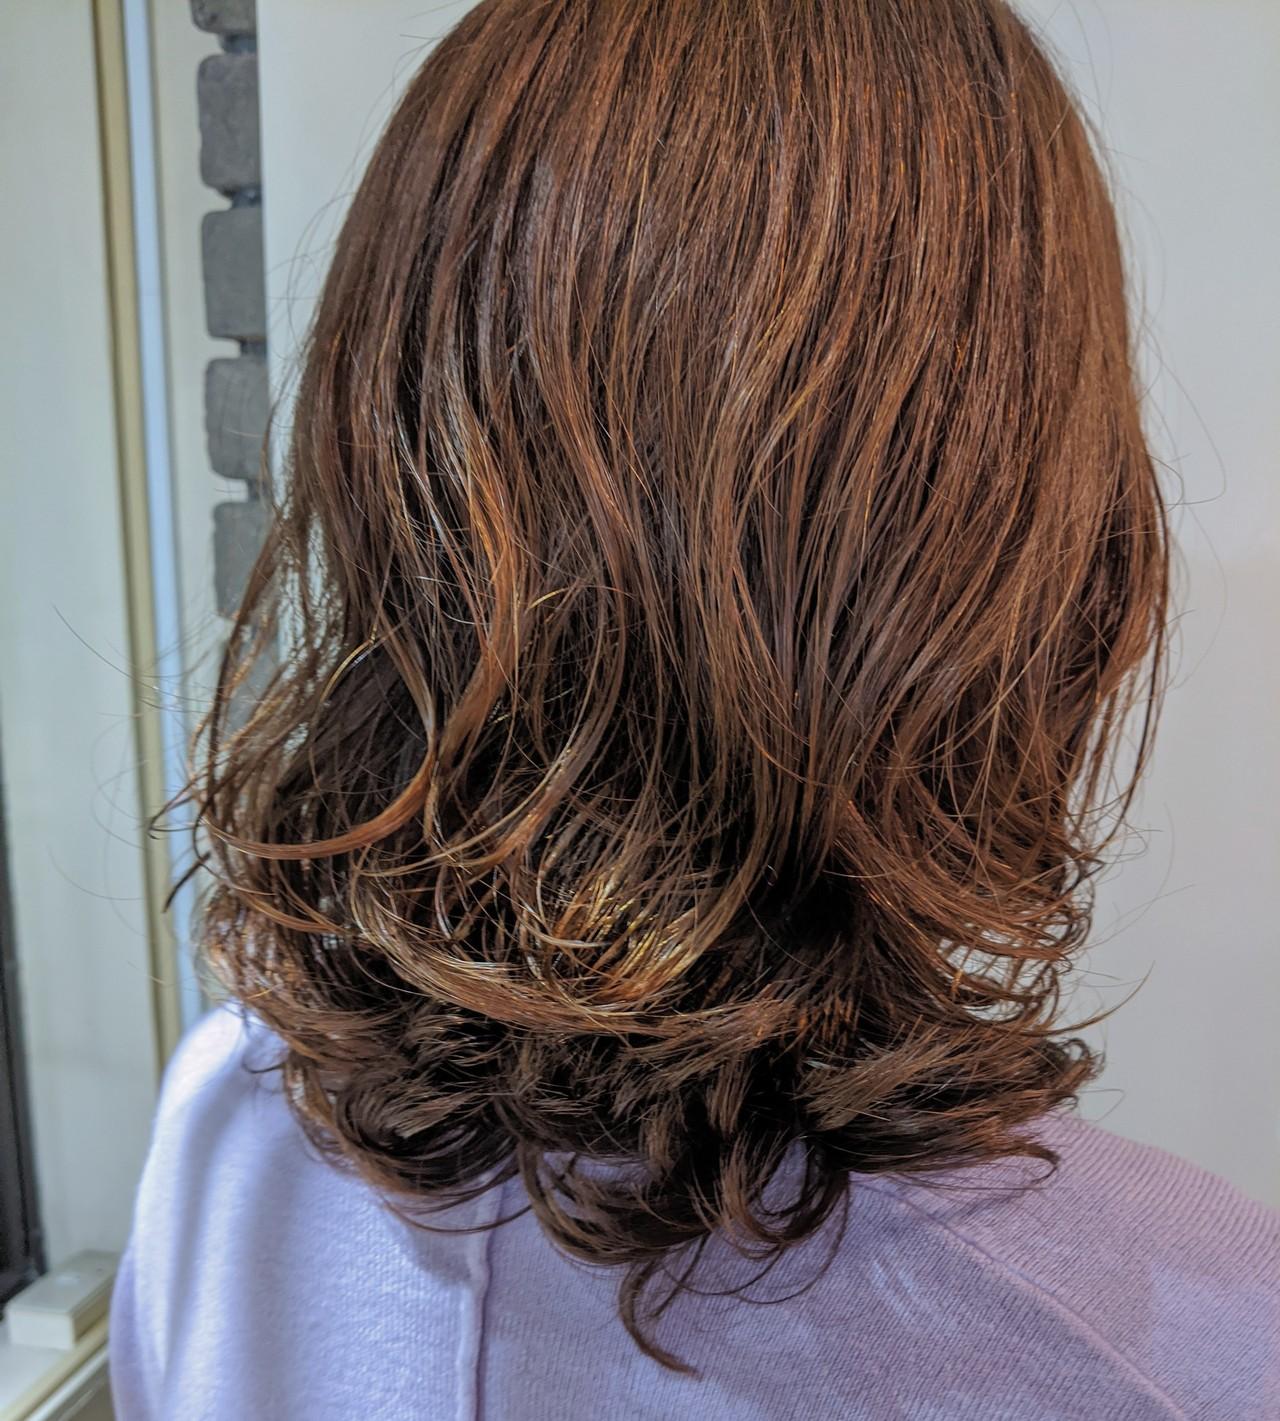 ゆるふわパーマ セミロング 無造作パーマ ナチュラル ヘアスタイルや髪型の写真・画像 | naokoo / ROVERSI